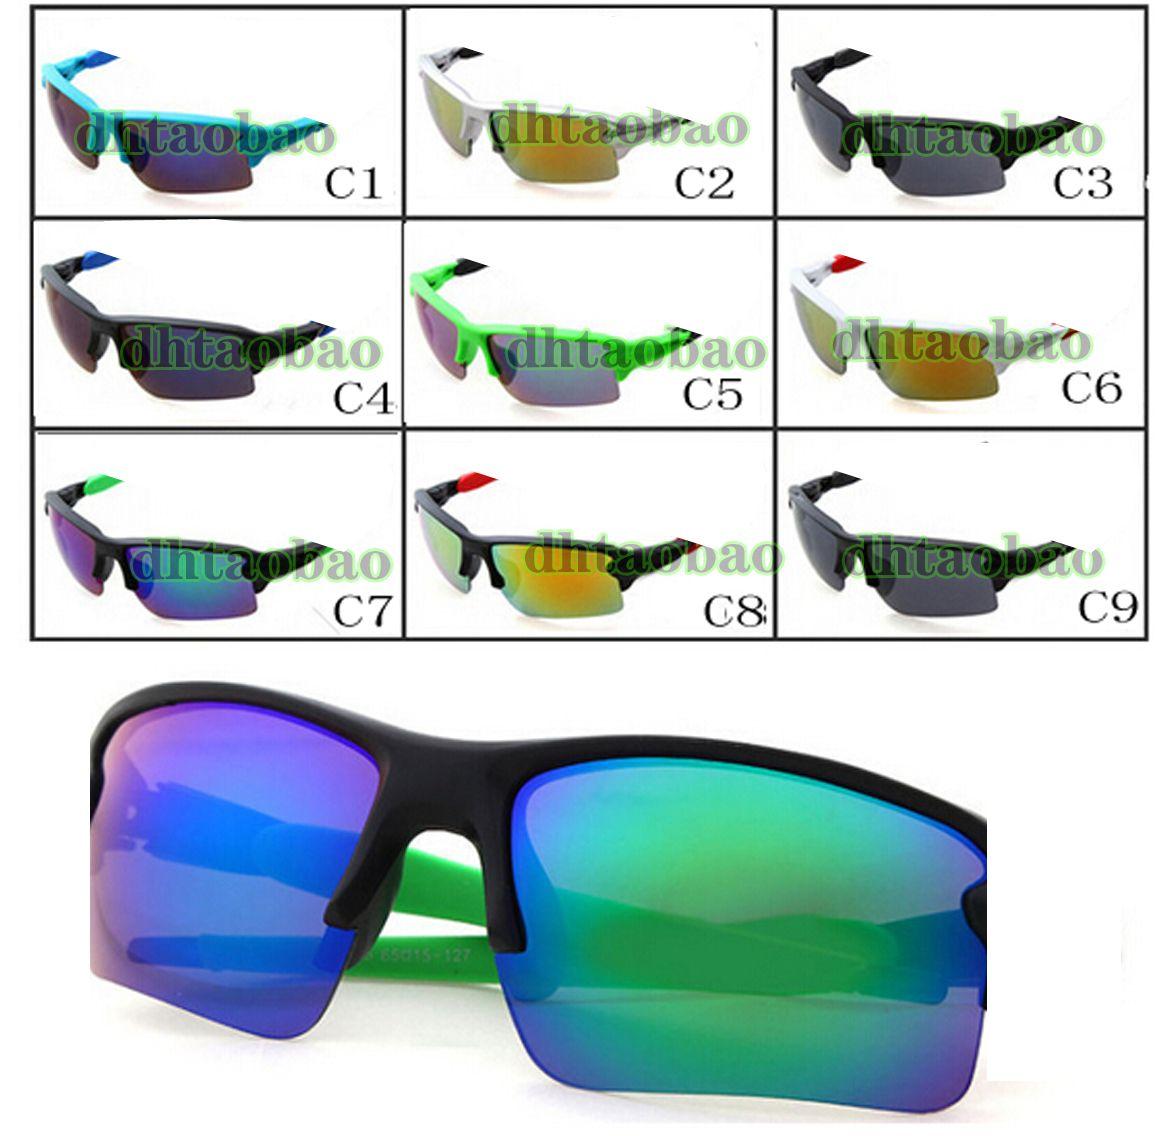 Mow = 10 pz estate più recenti donne di guida Gals Goggles ciclismo sport abbagliante occhiali uomo all'aperto rivestimento sole vetro A +++ spedizione gratuita